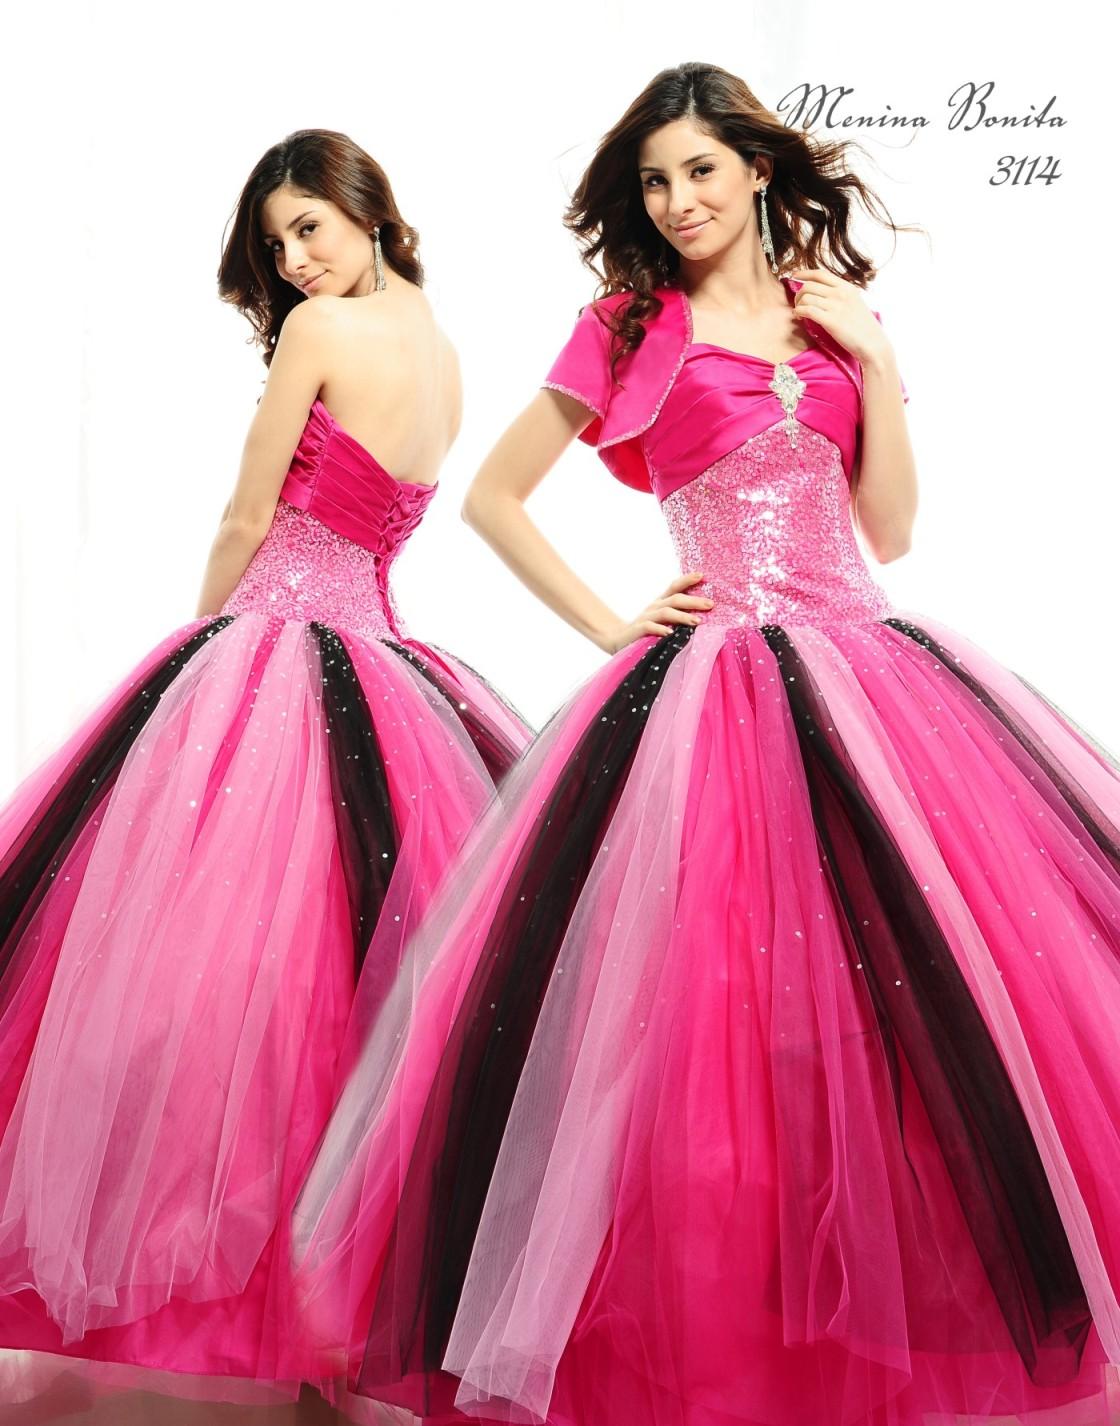 Menina Bonita Quince Dress